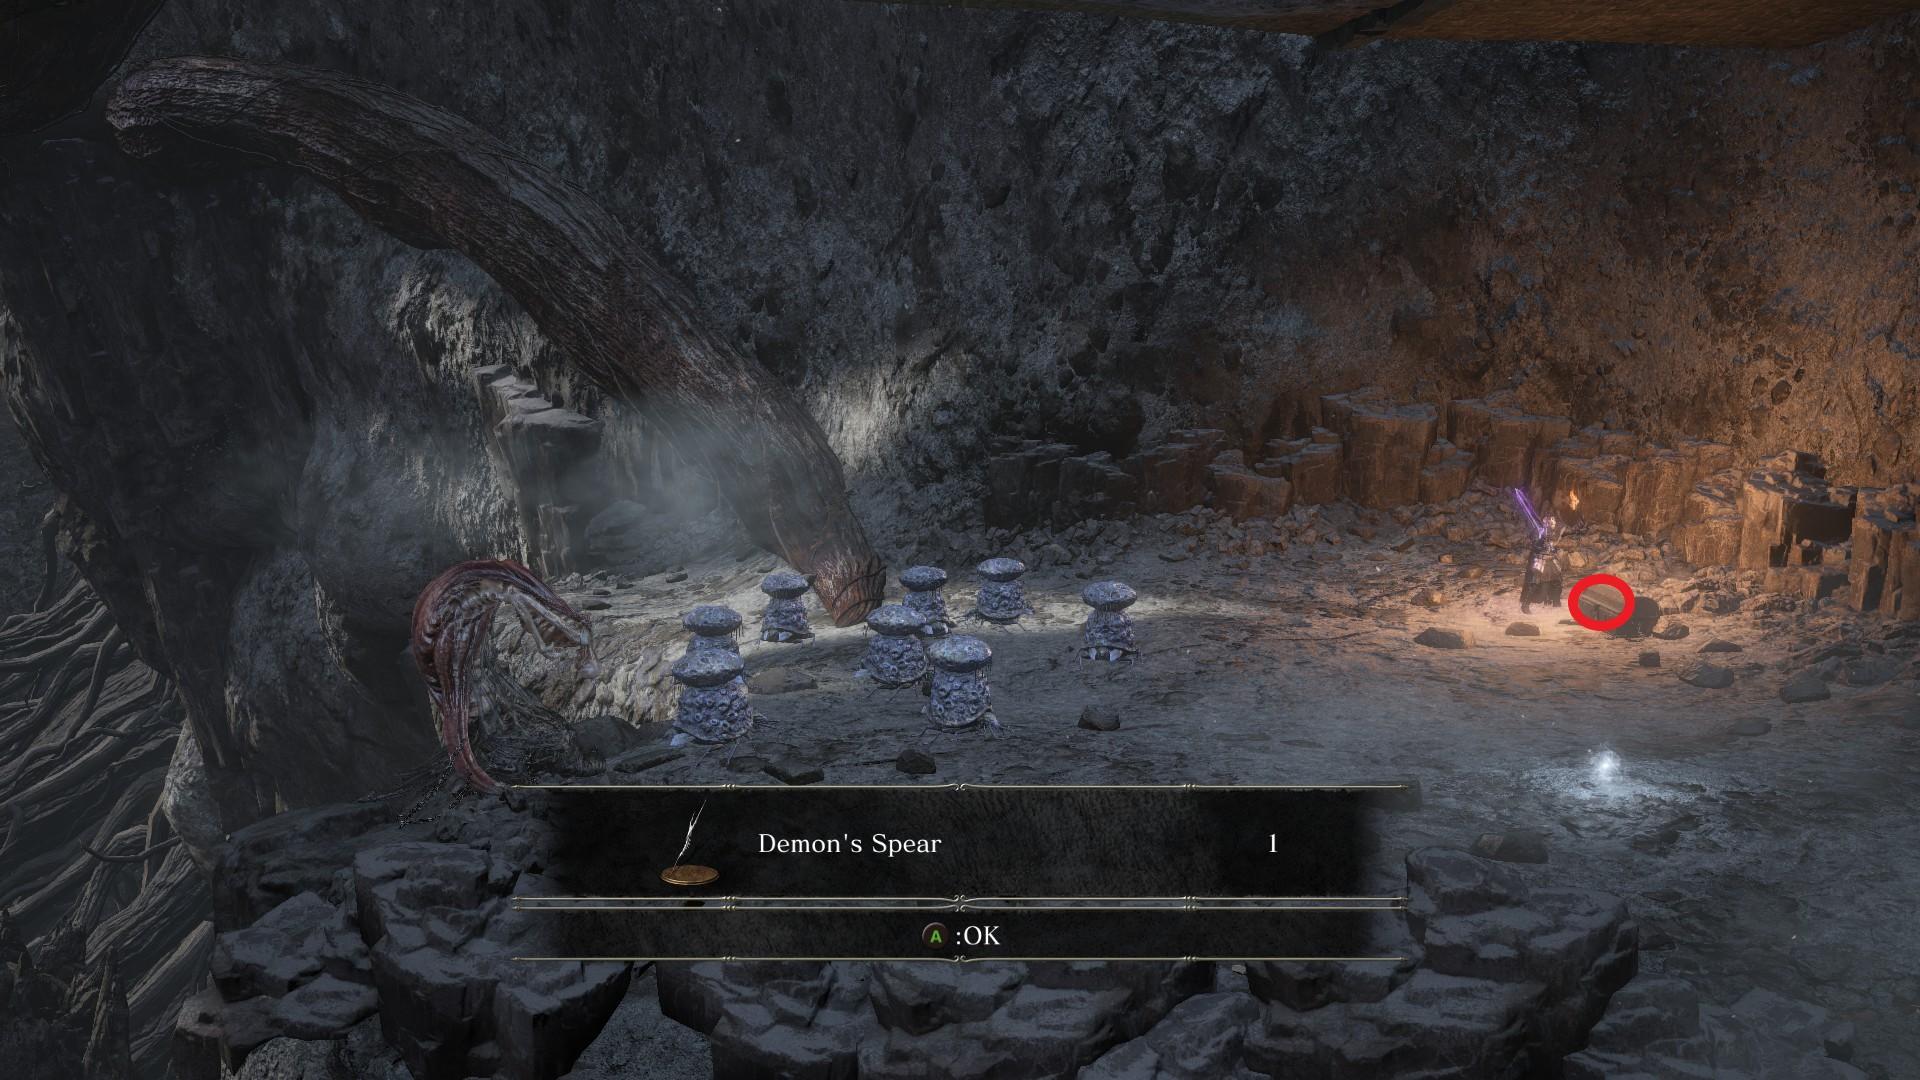 Demons_Spear.jpg